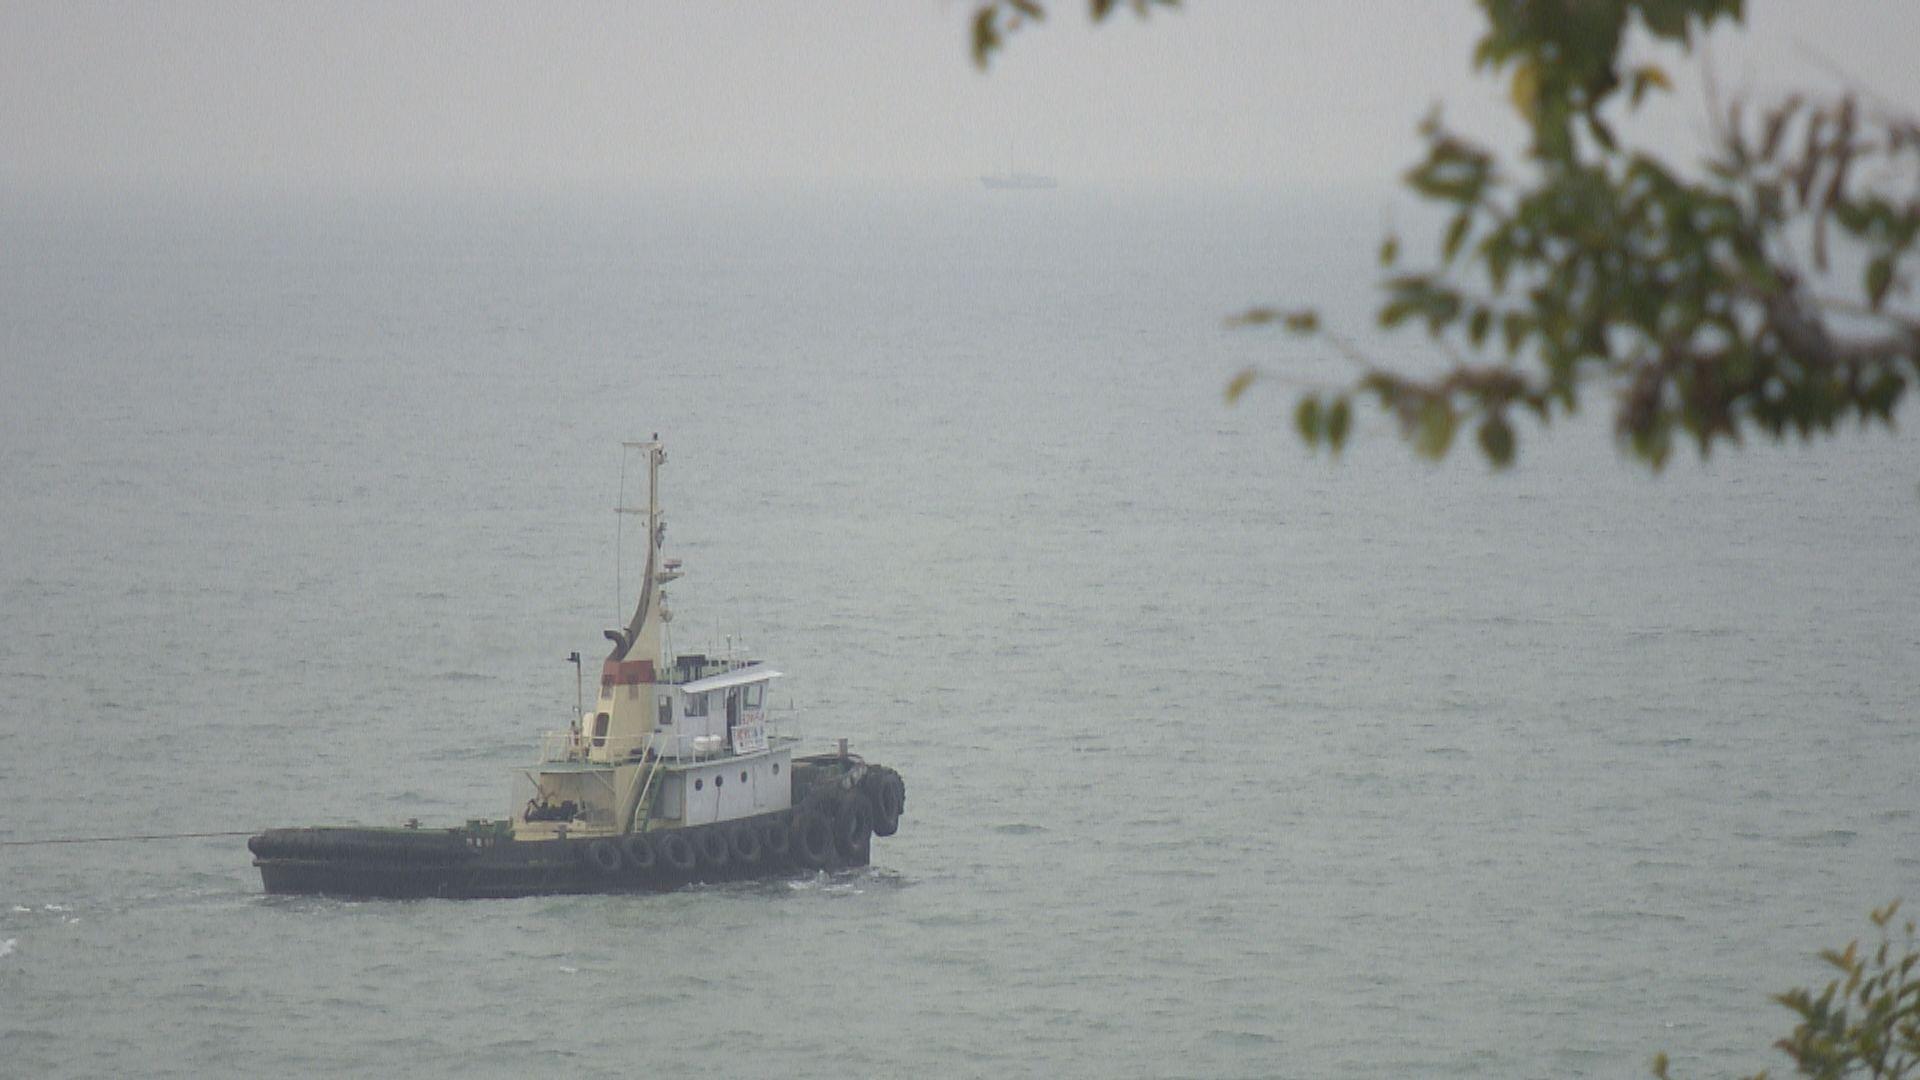 珠海水警船追截走私快艇時進入香港水域於大澳擱淺